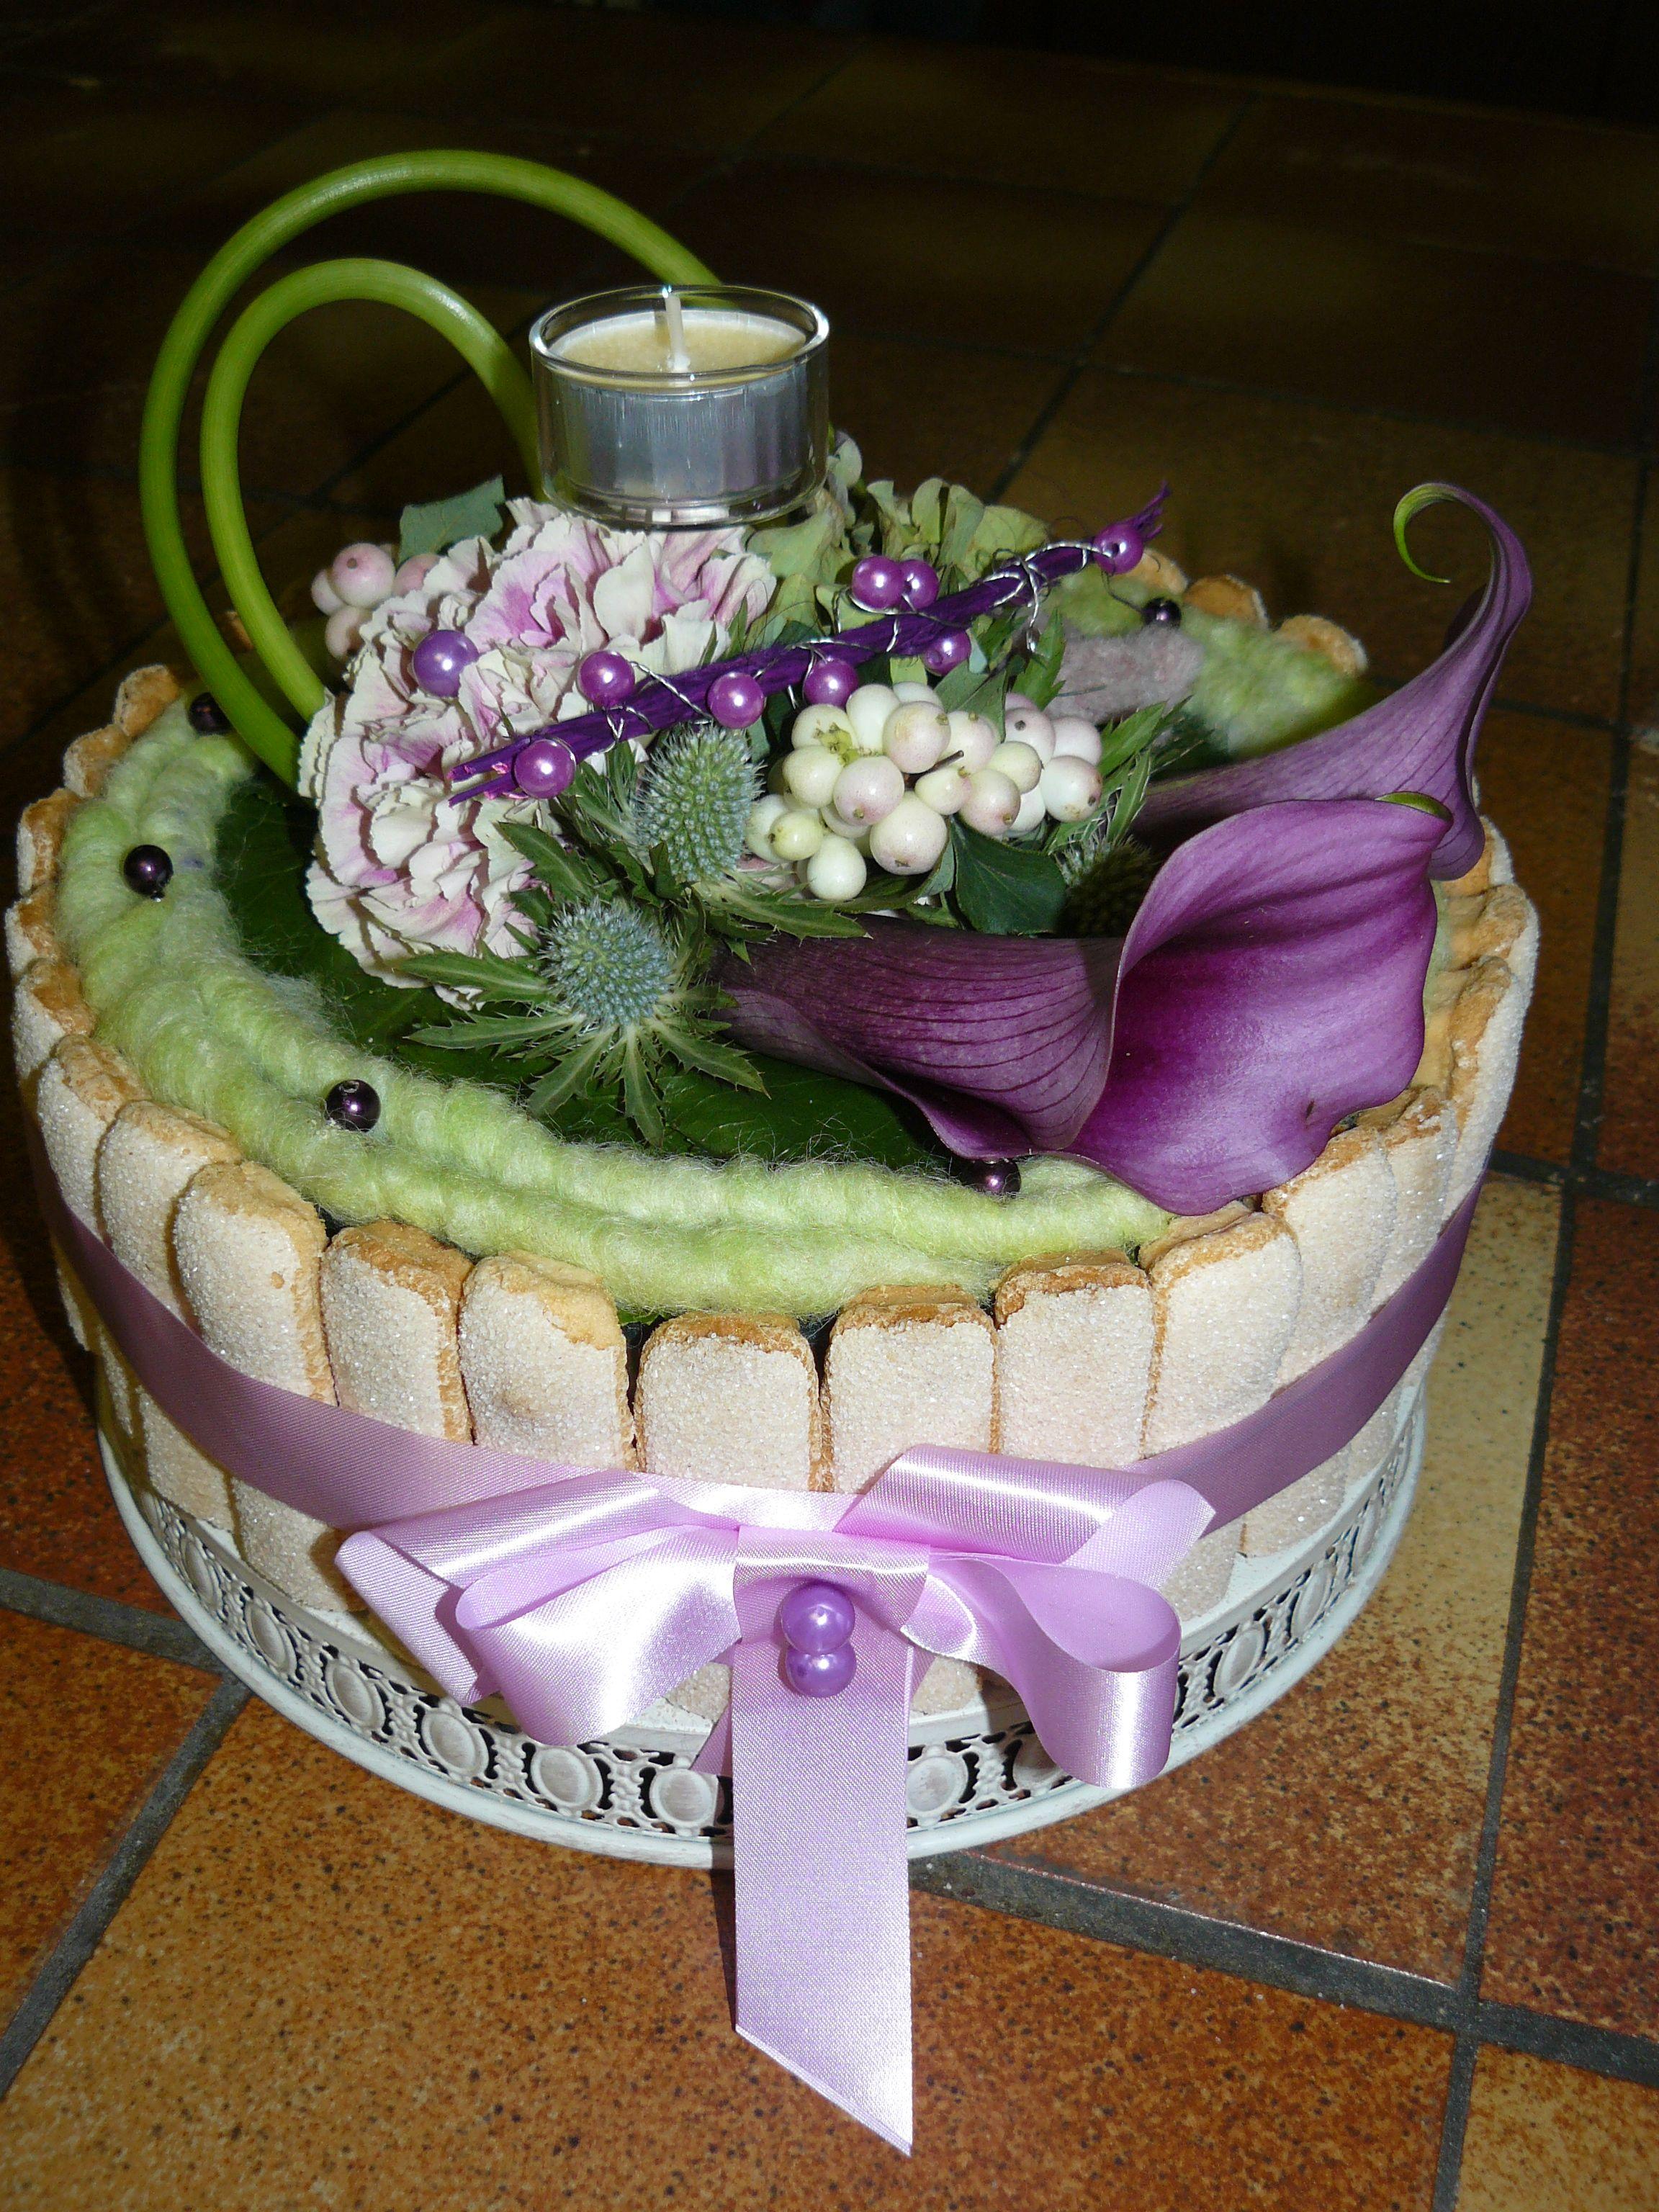 gateau floral g teaux floraux pinterest g teau floral gateau fleur et composition florale. Black Bedroom Furniture Sets. Home Design Ideas